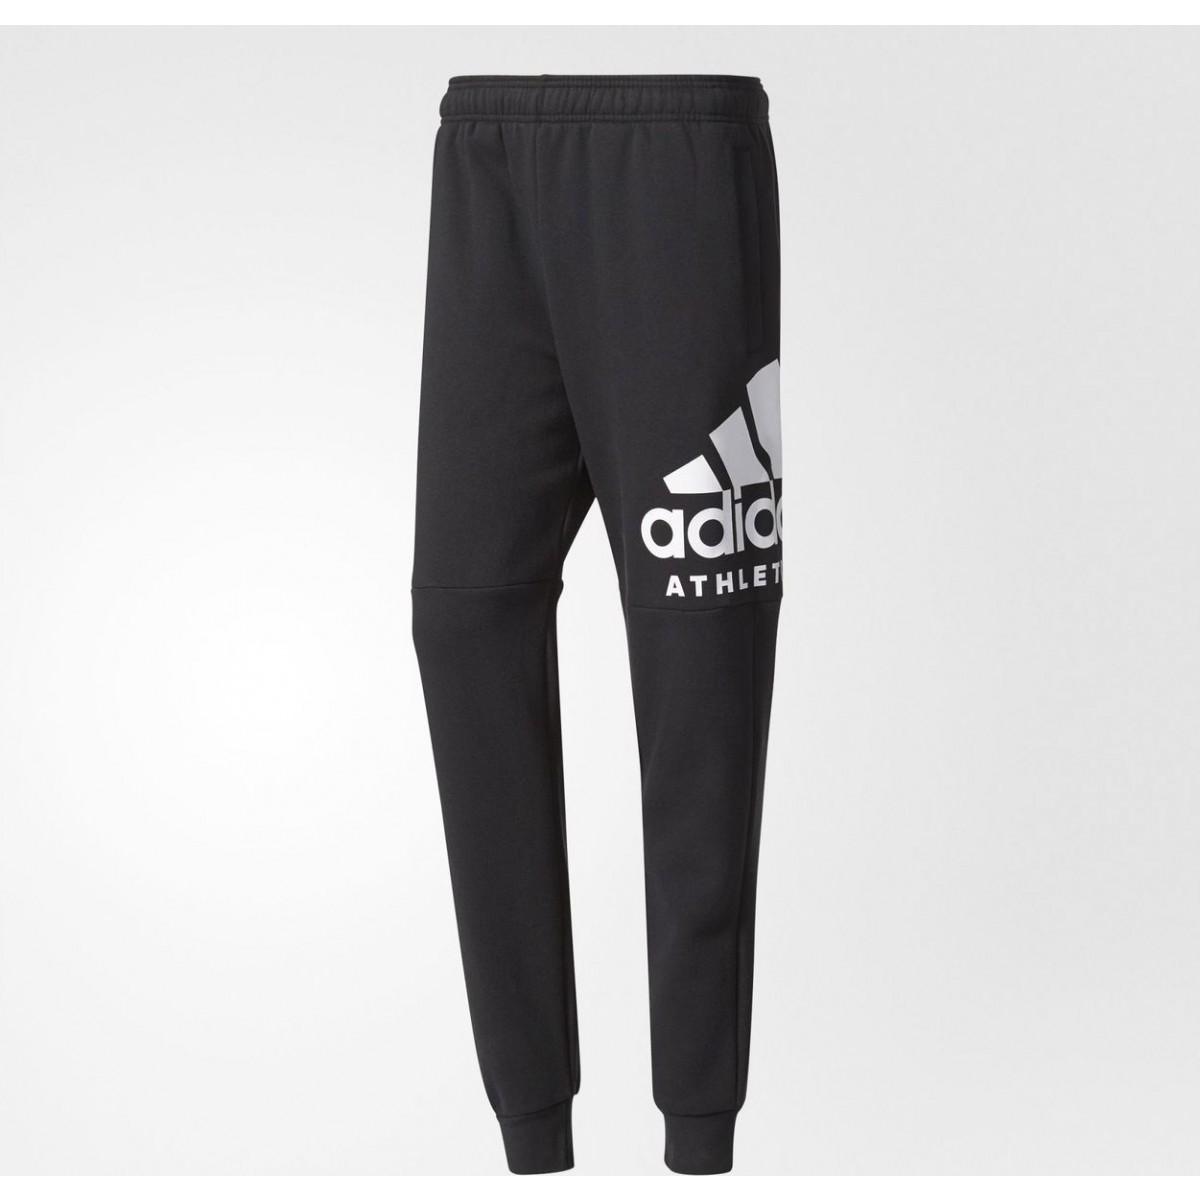 Adidas pantalone tuta - Tute - Uomo Quadrifoglio Sport - Articoli ... 9be762056bde